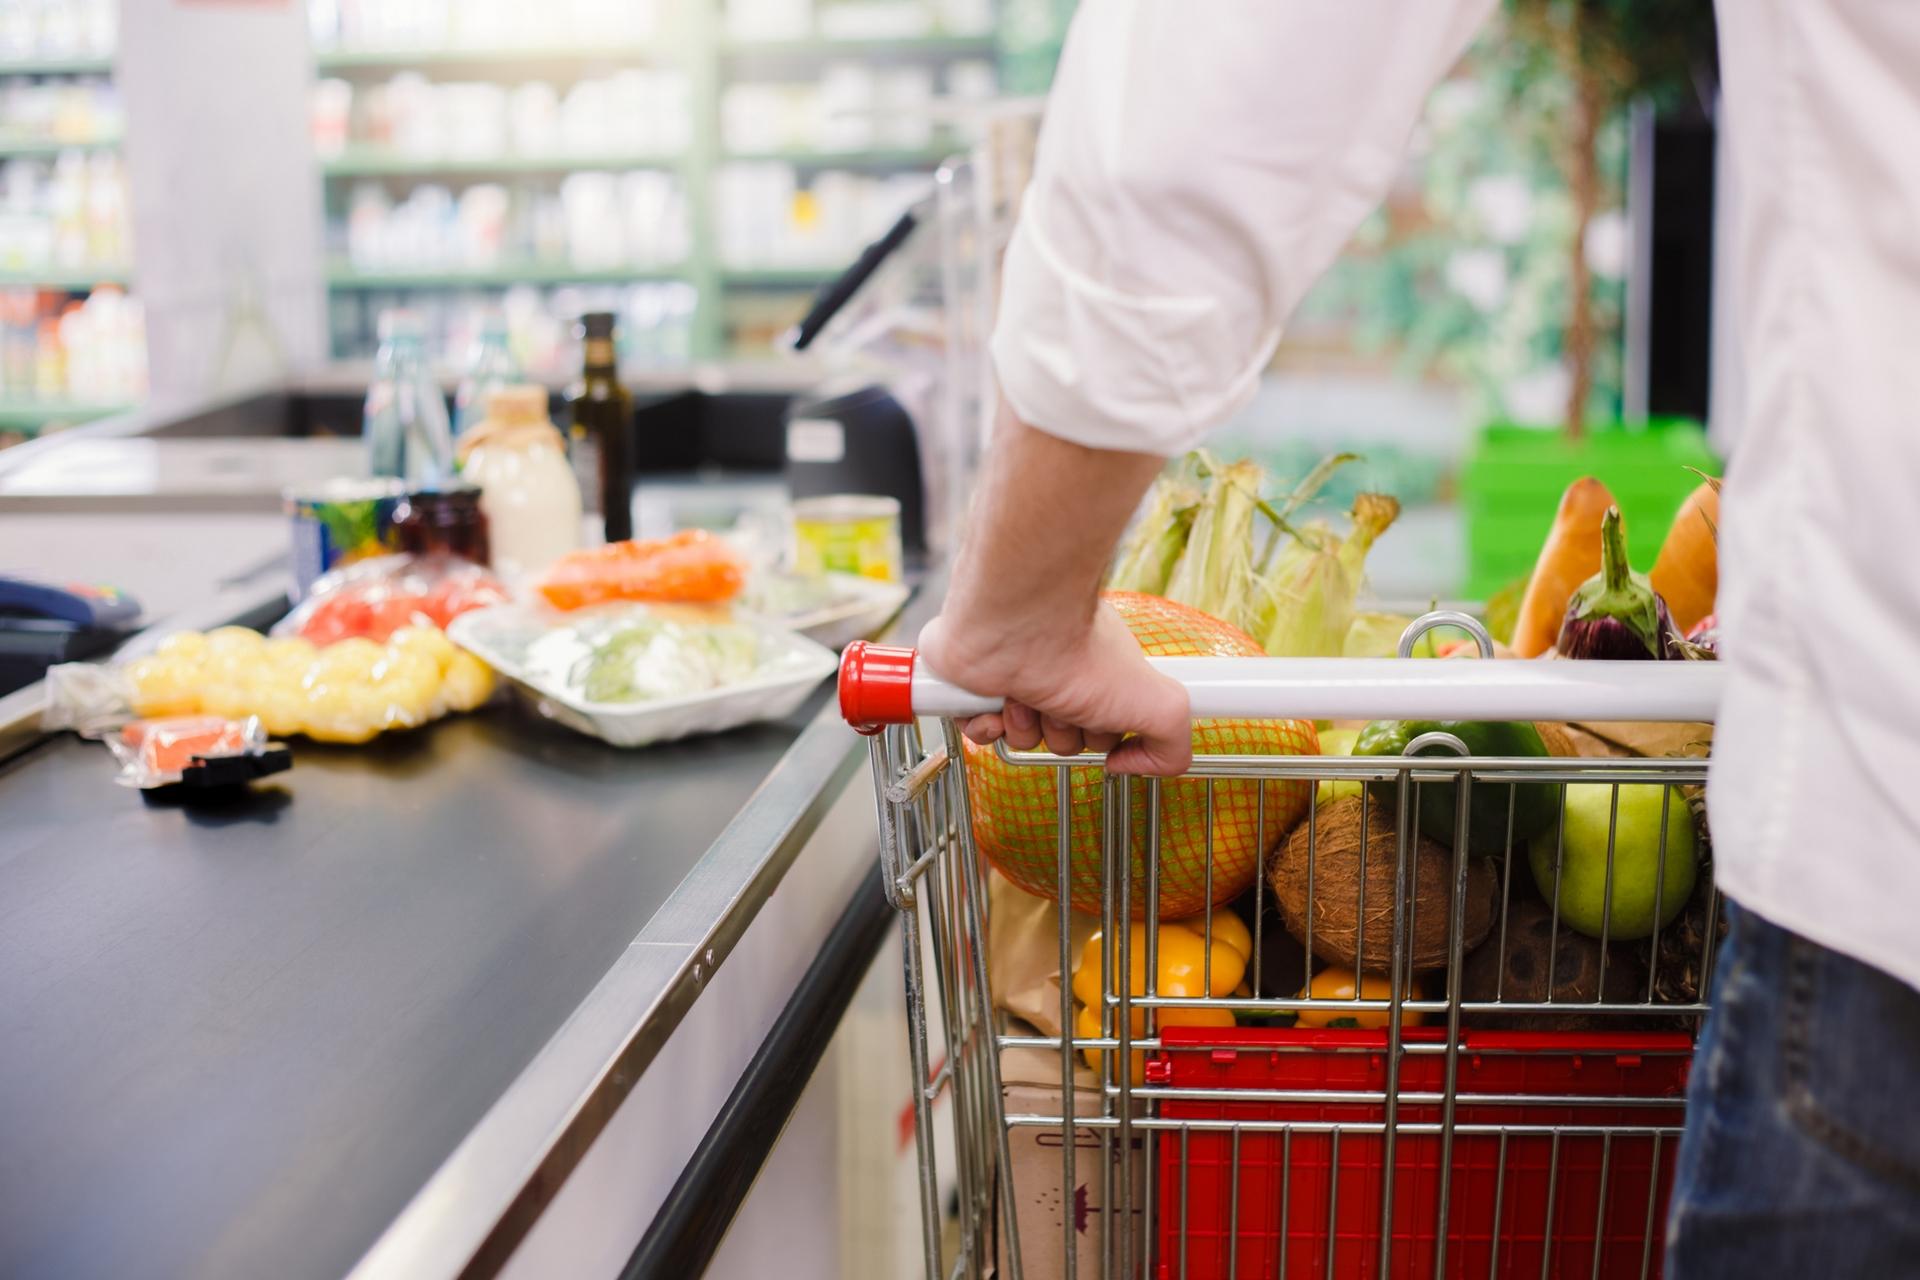 trampas-psicologicas-supermercados-utilizan-gastes